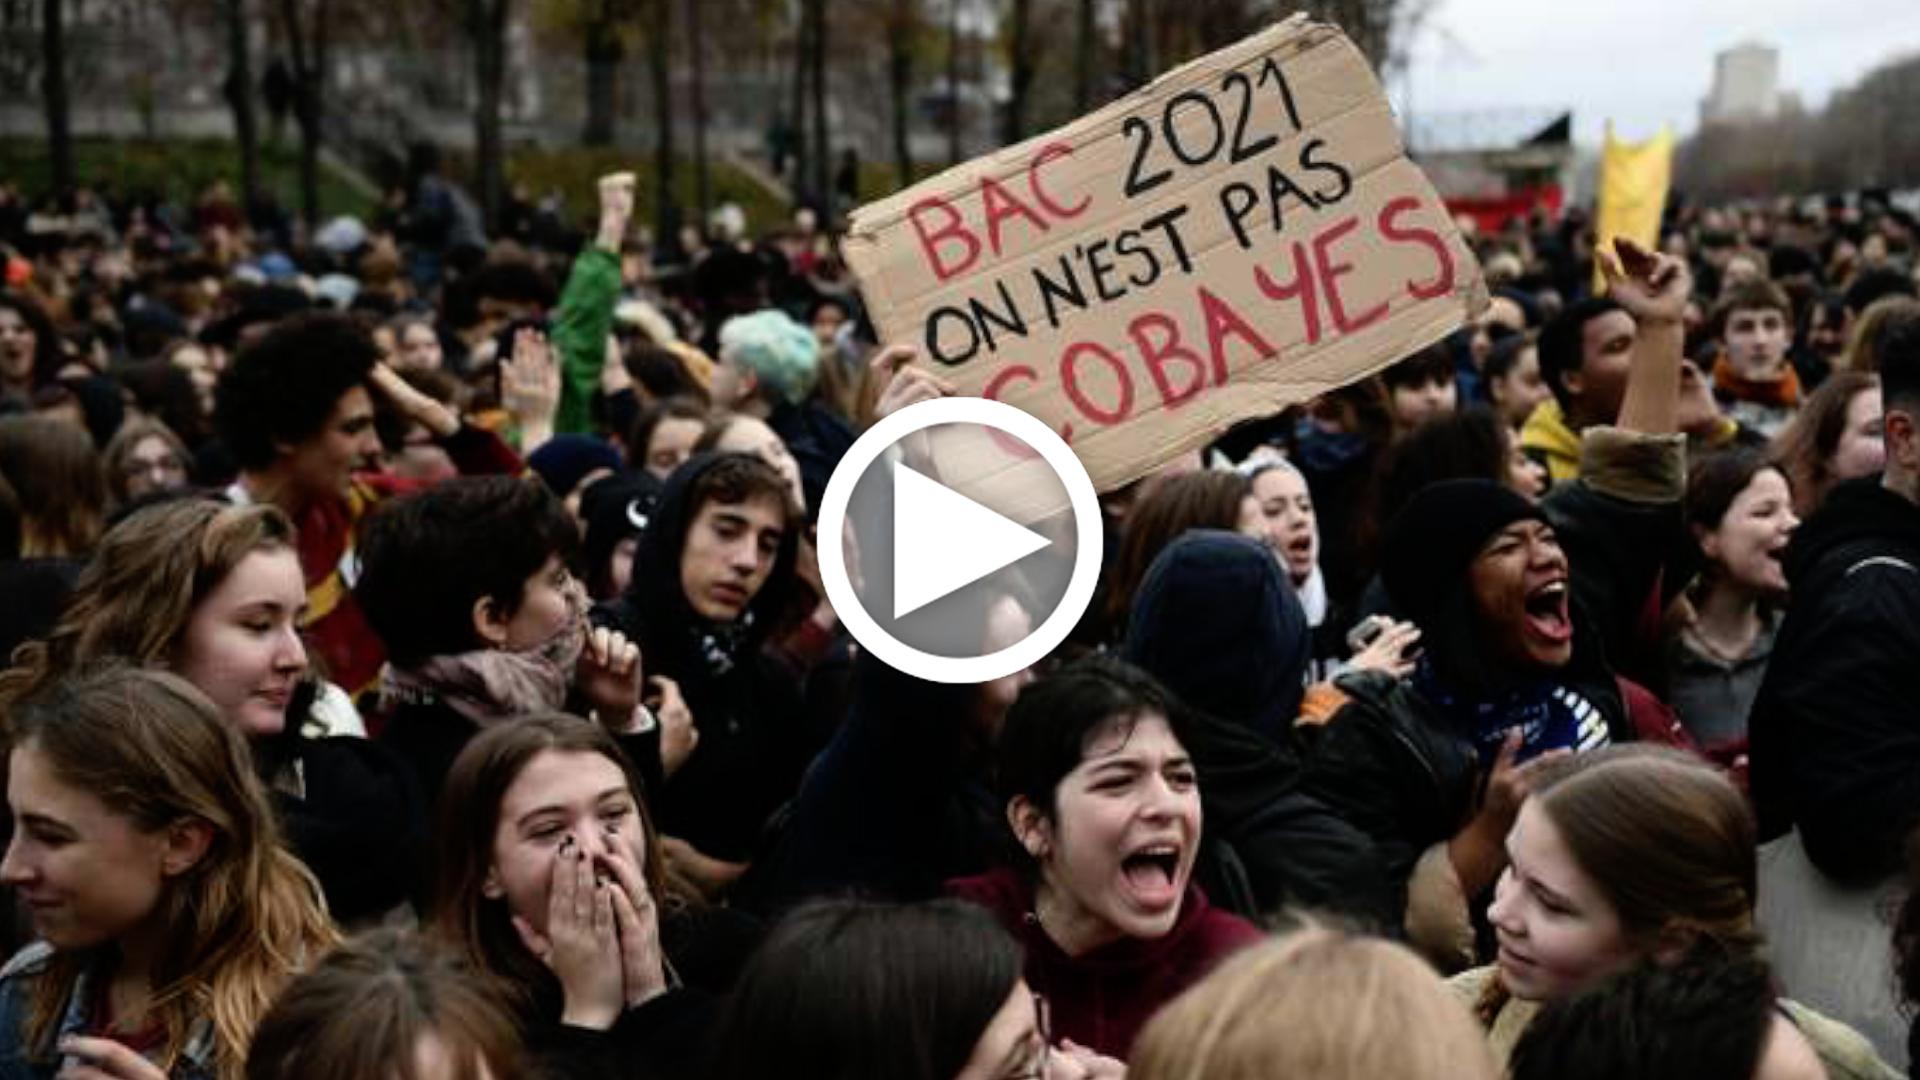 Les Infos-Hebdo du 29 août 2019 – Rentrée : le ministre Blanquer veut mettre l'école en miettes